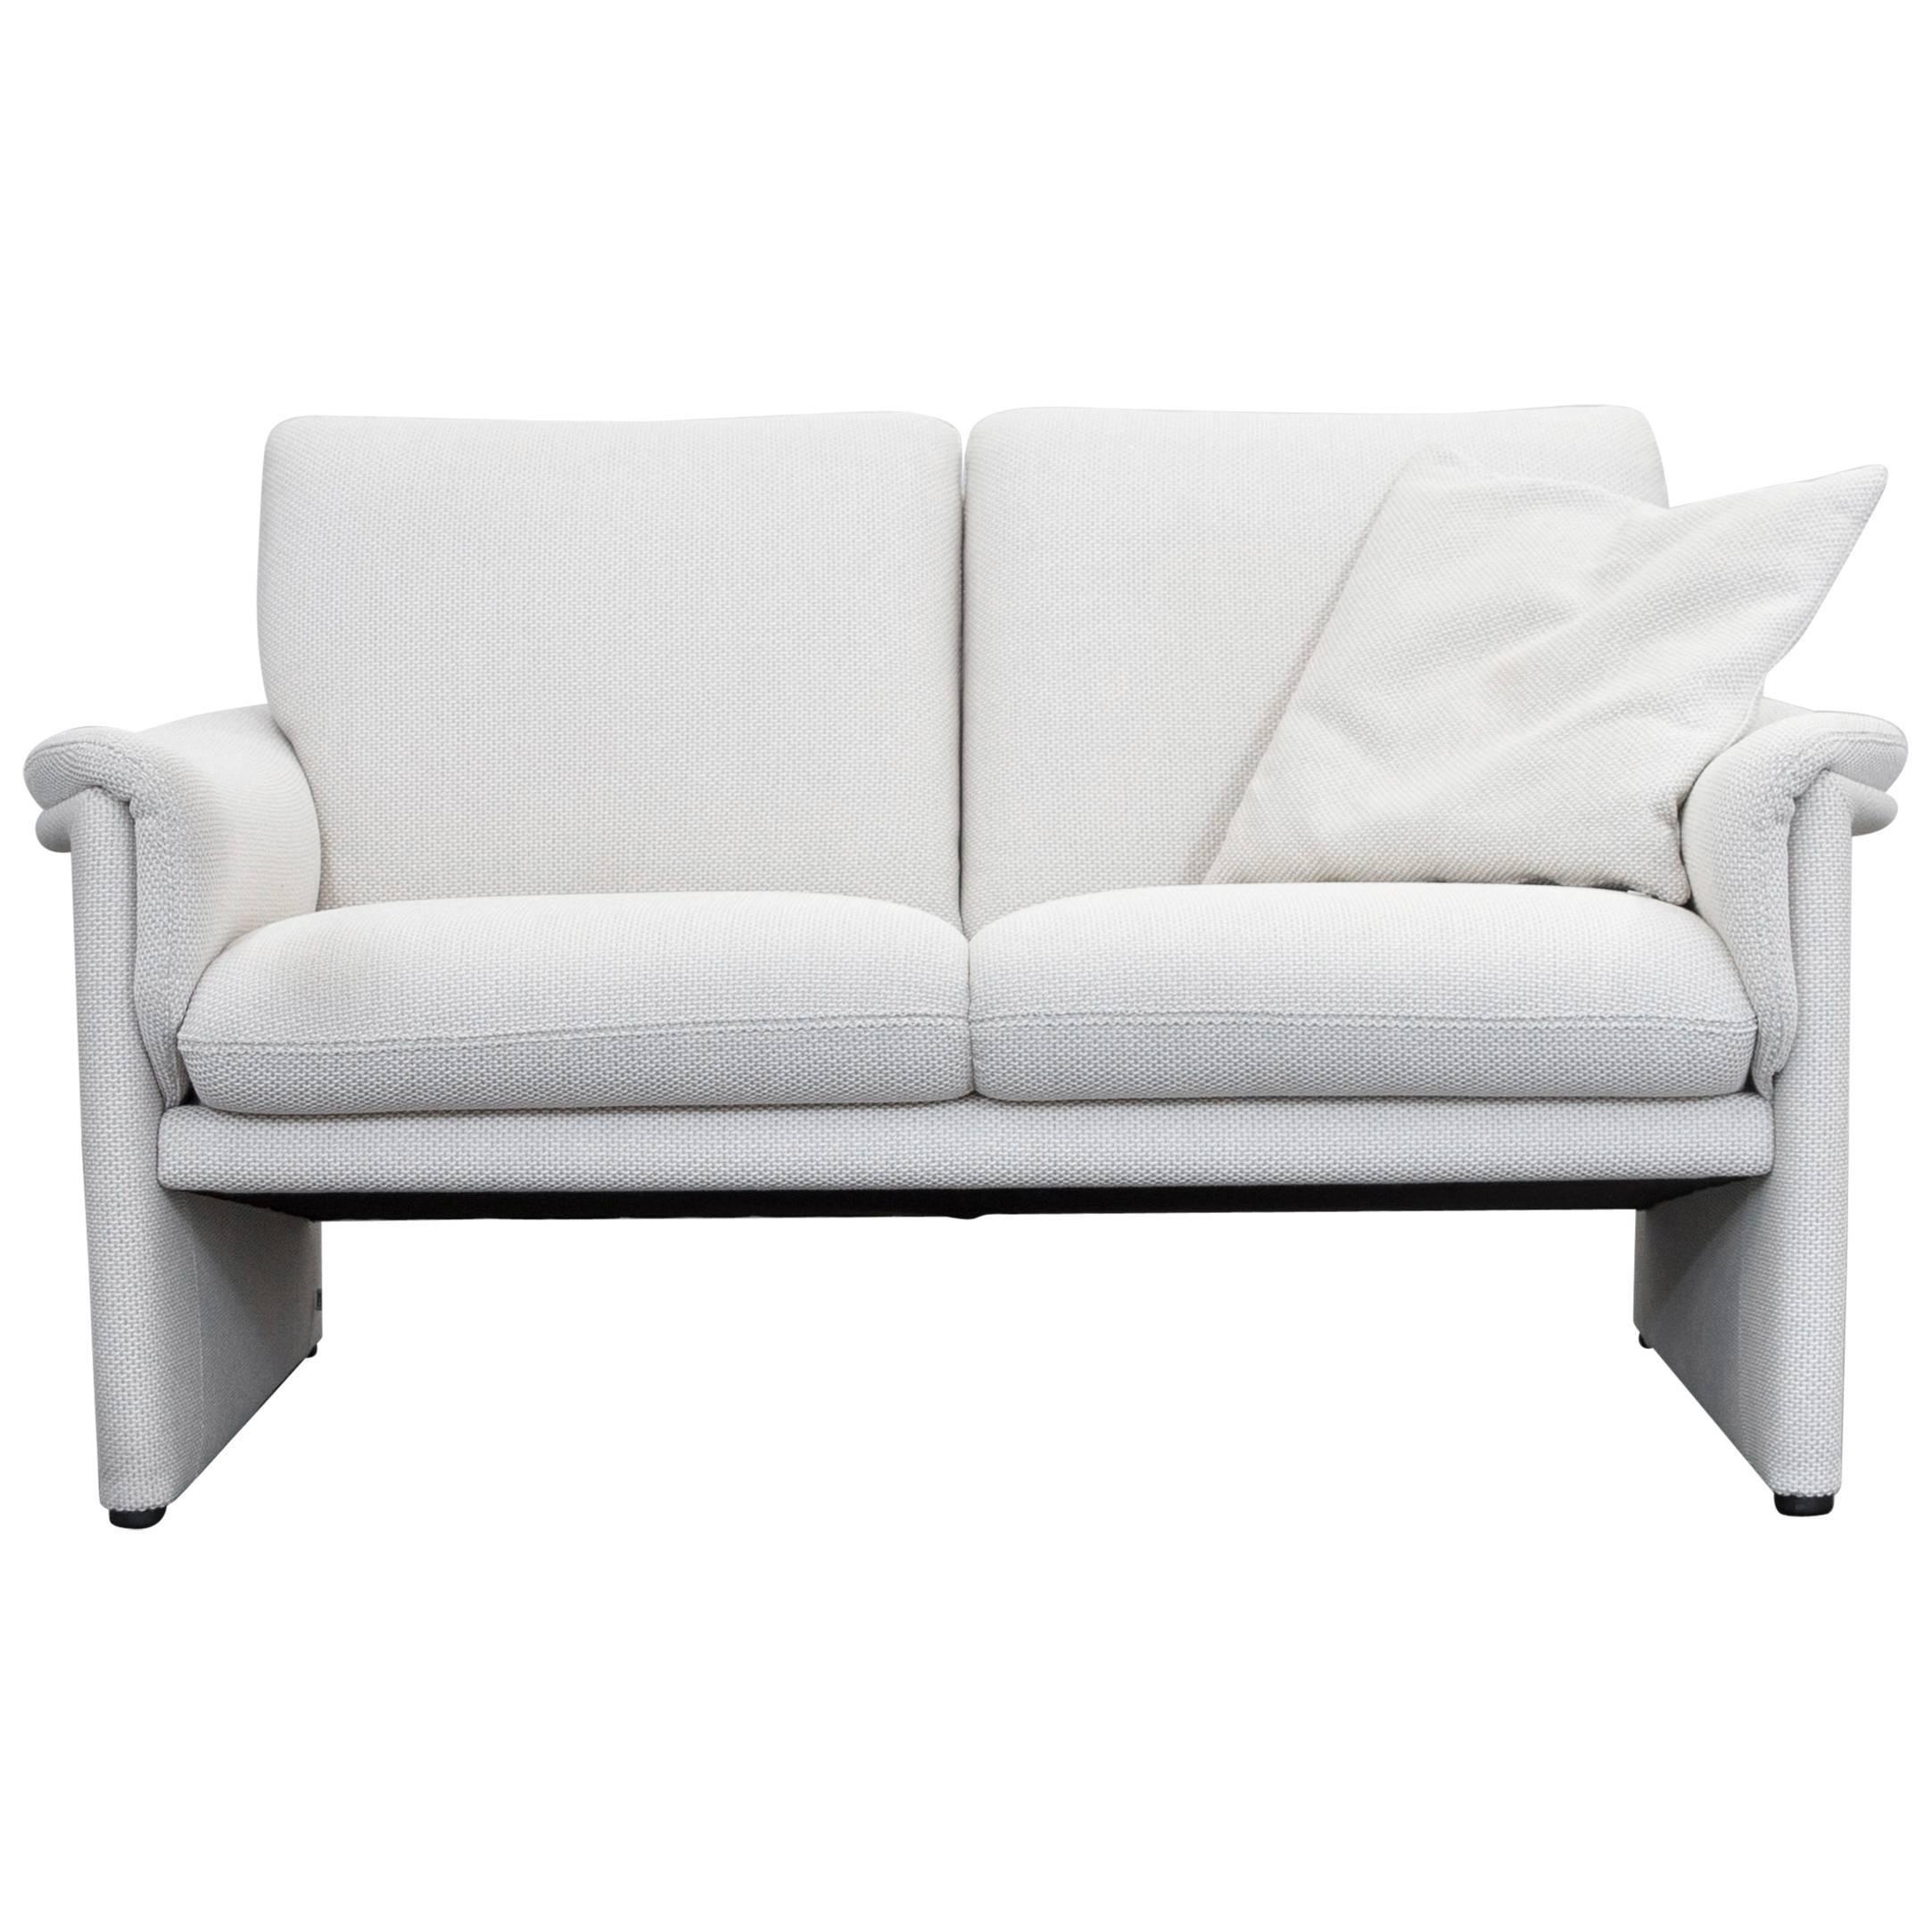 COR Zento Designer Sofa Fabric Crème White Two Seat Couch Modern